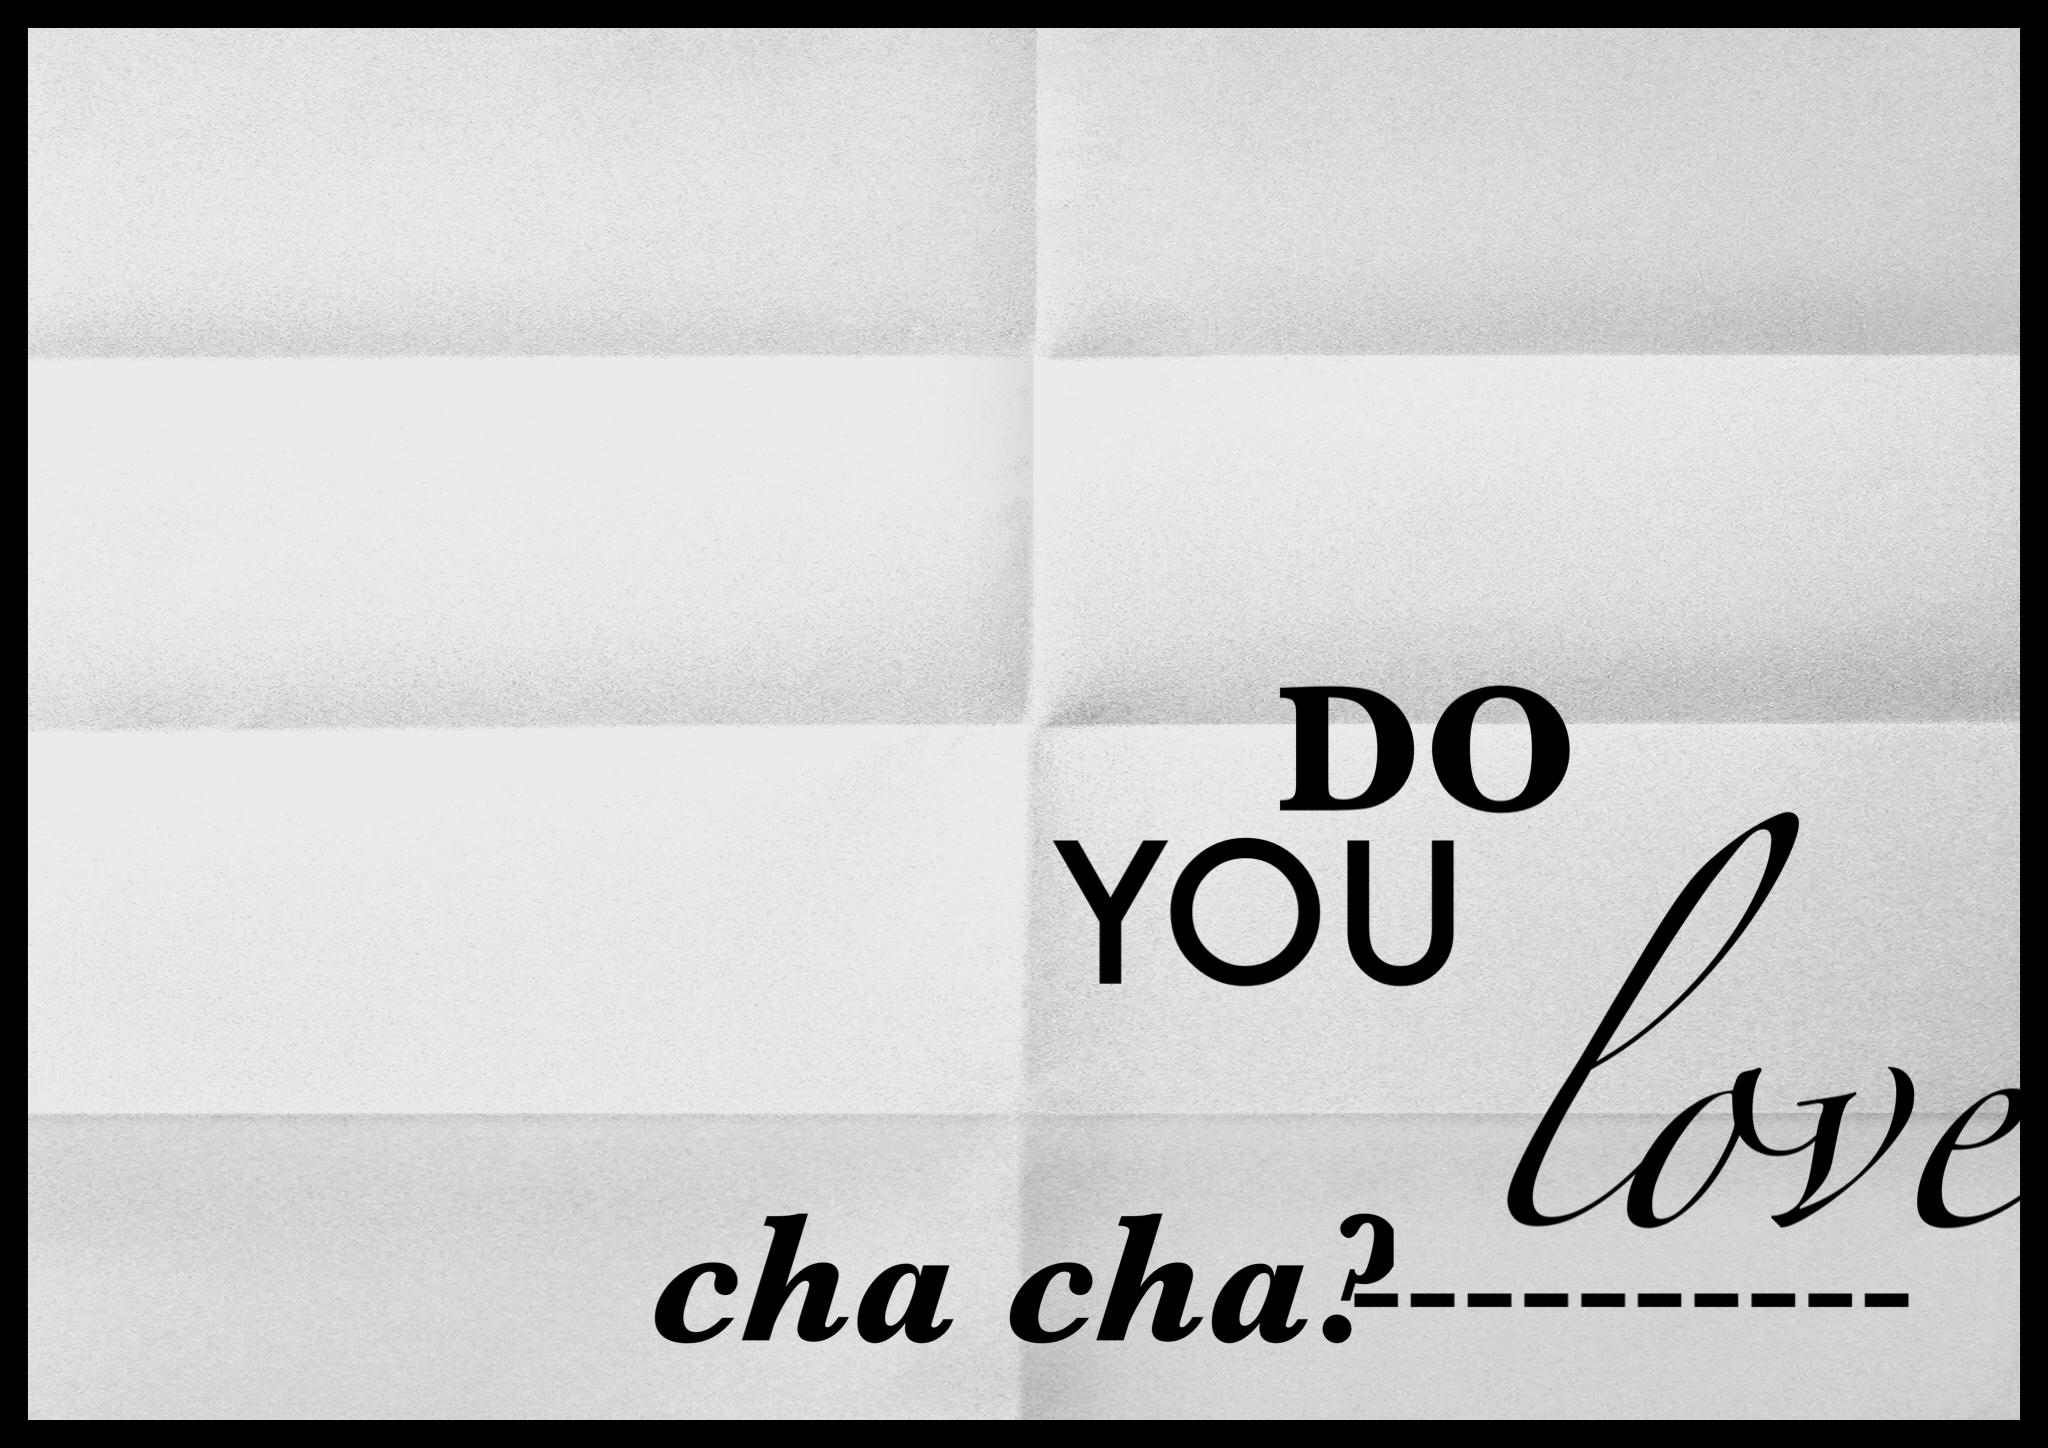 Denver Cha Cha Dance Lessons